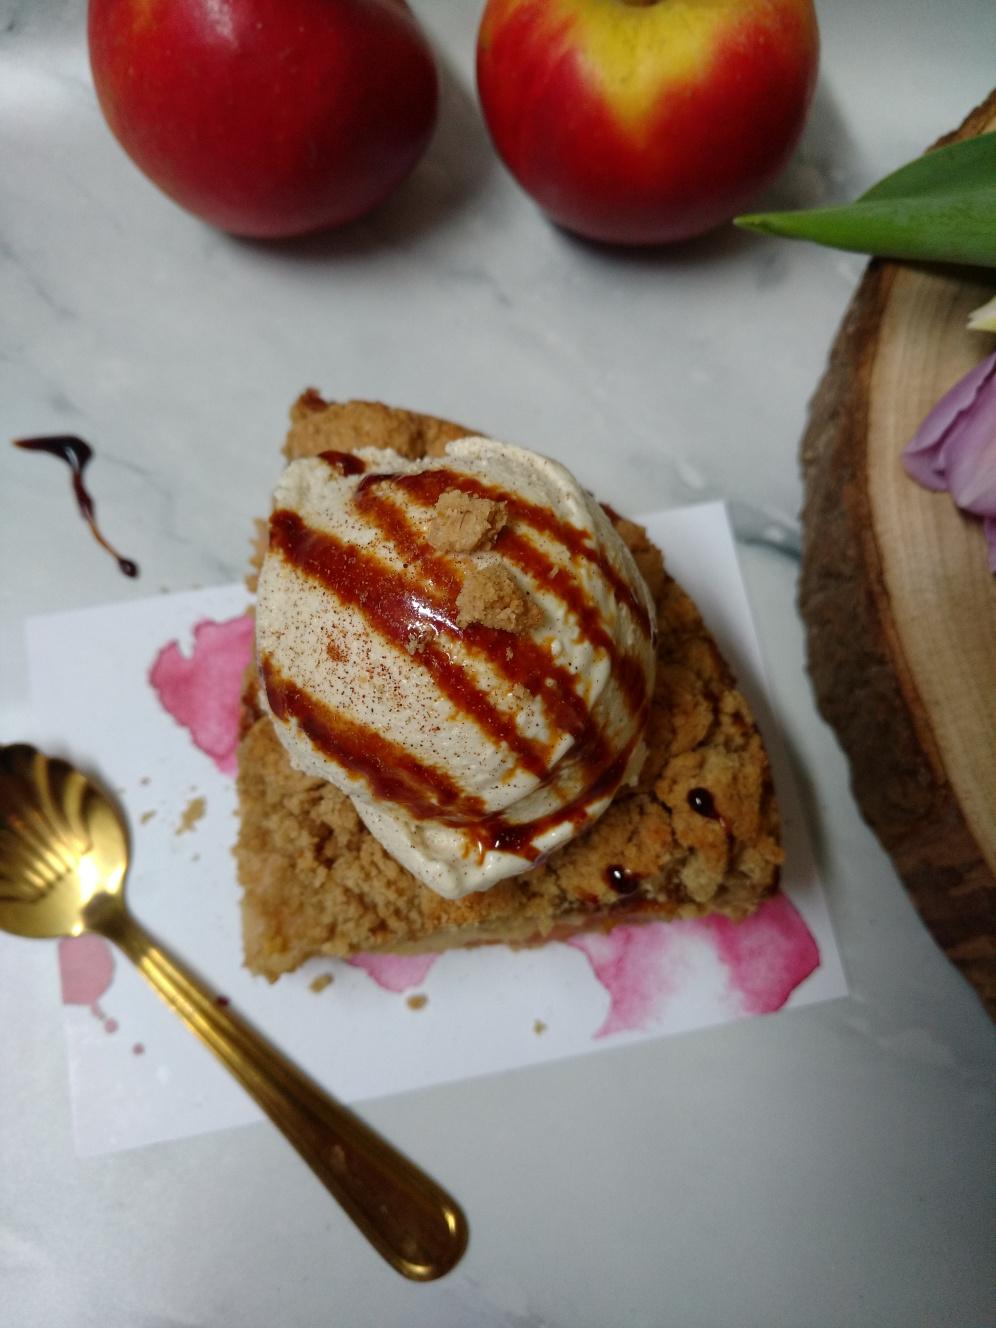 Haferstreuselkuchen, vegan mit selbstgemachtem Joghurt-Vanilleeis